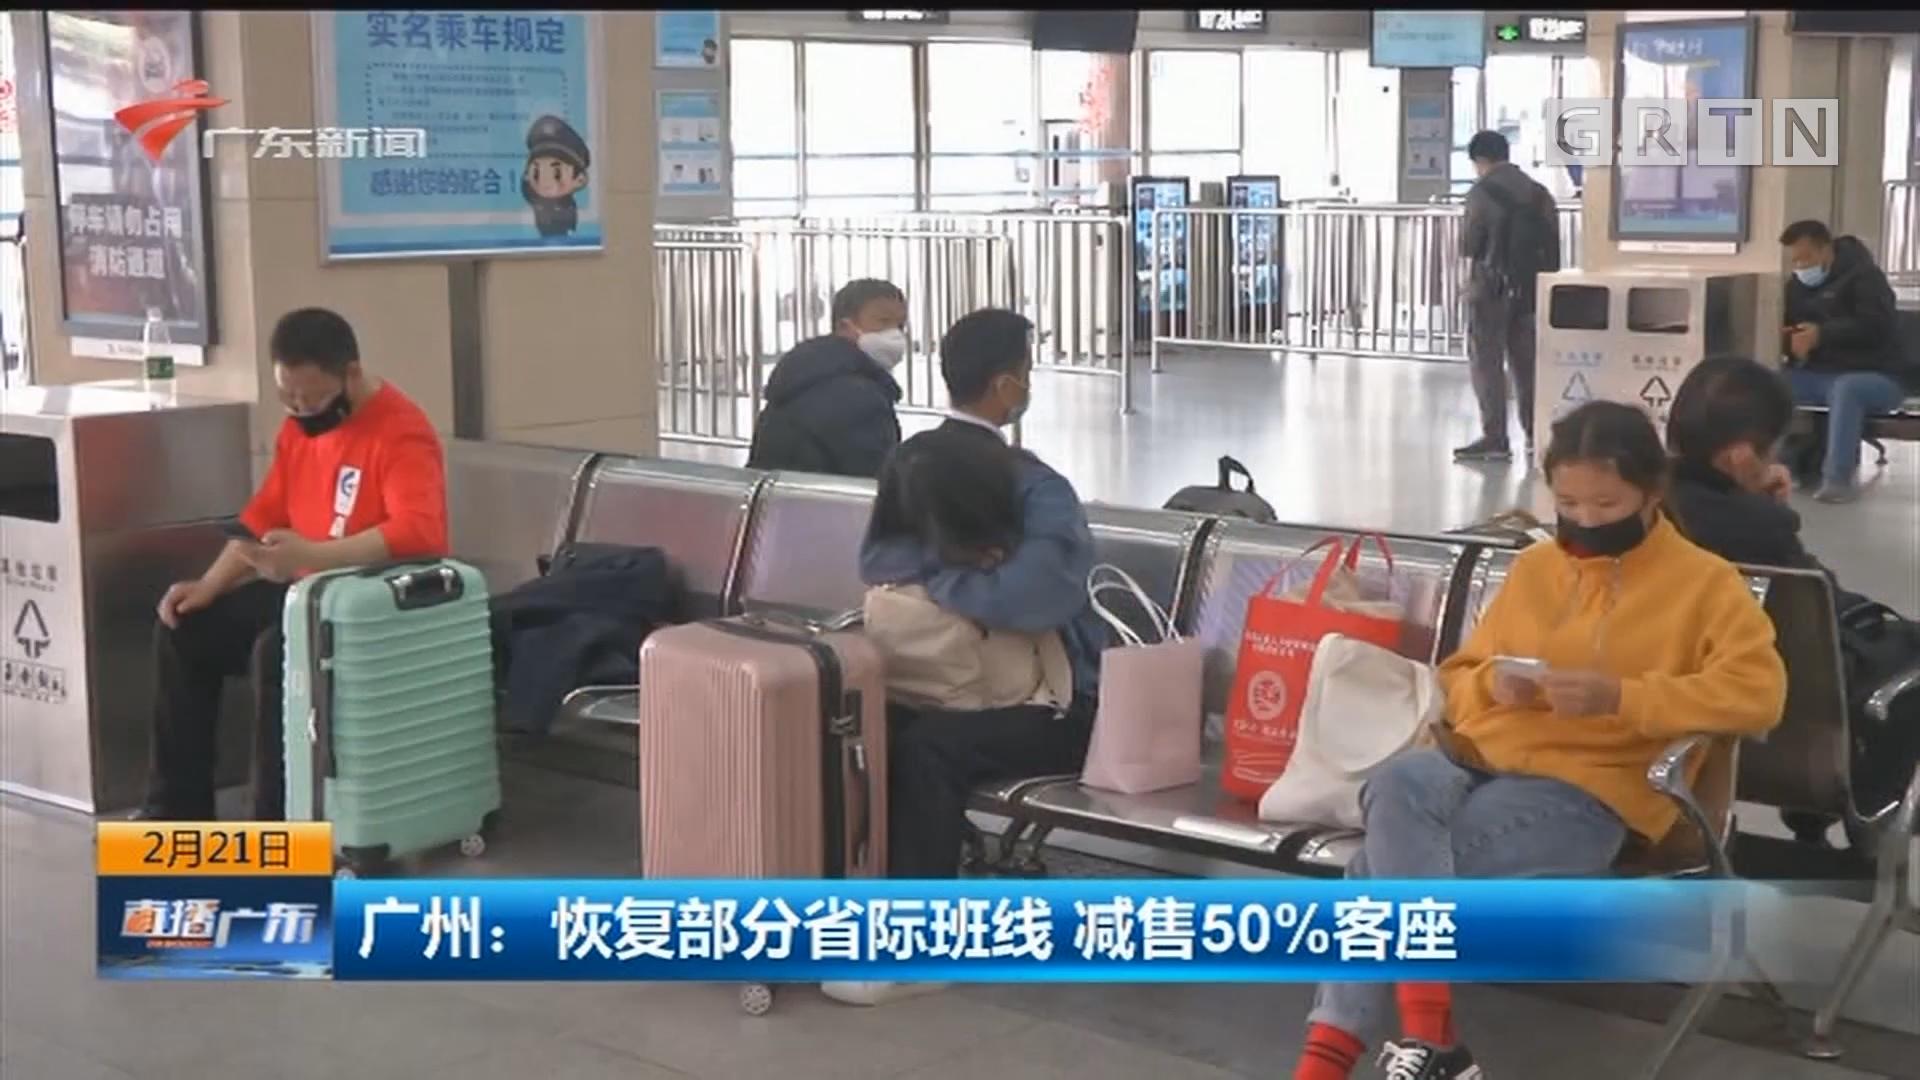 广州:恢复部分省际班线 减售50%客座